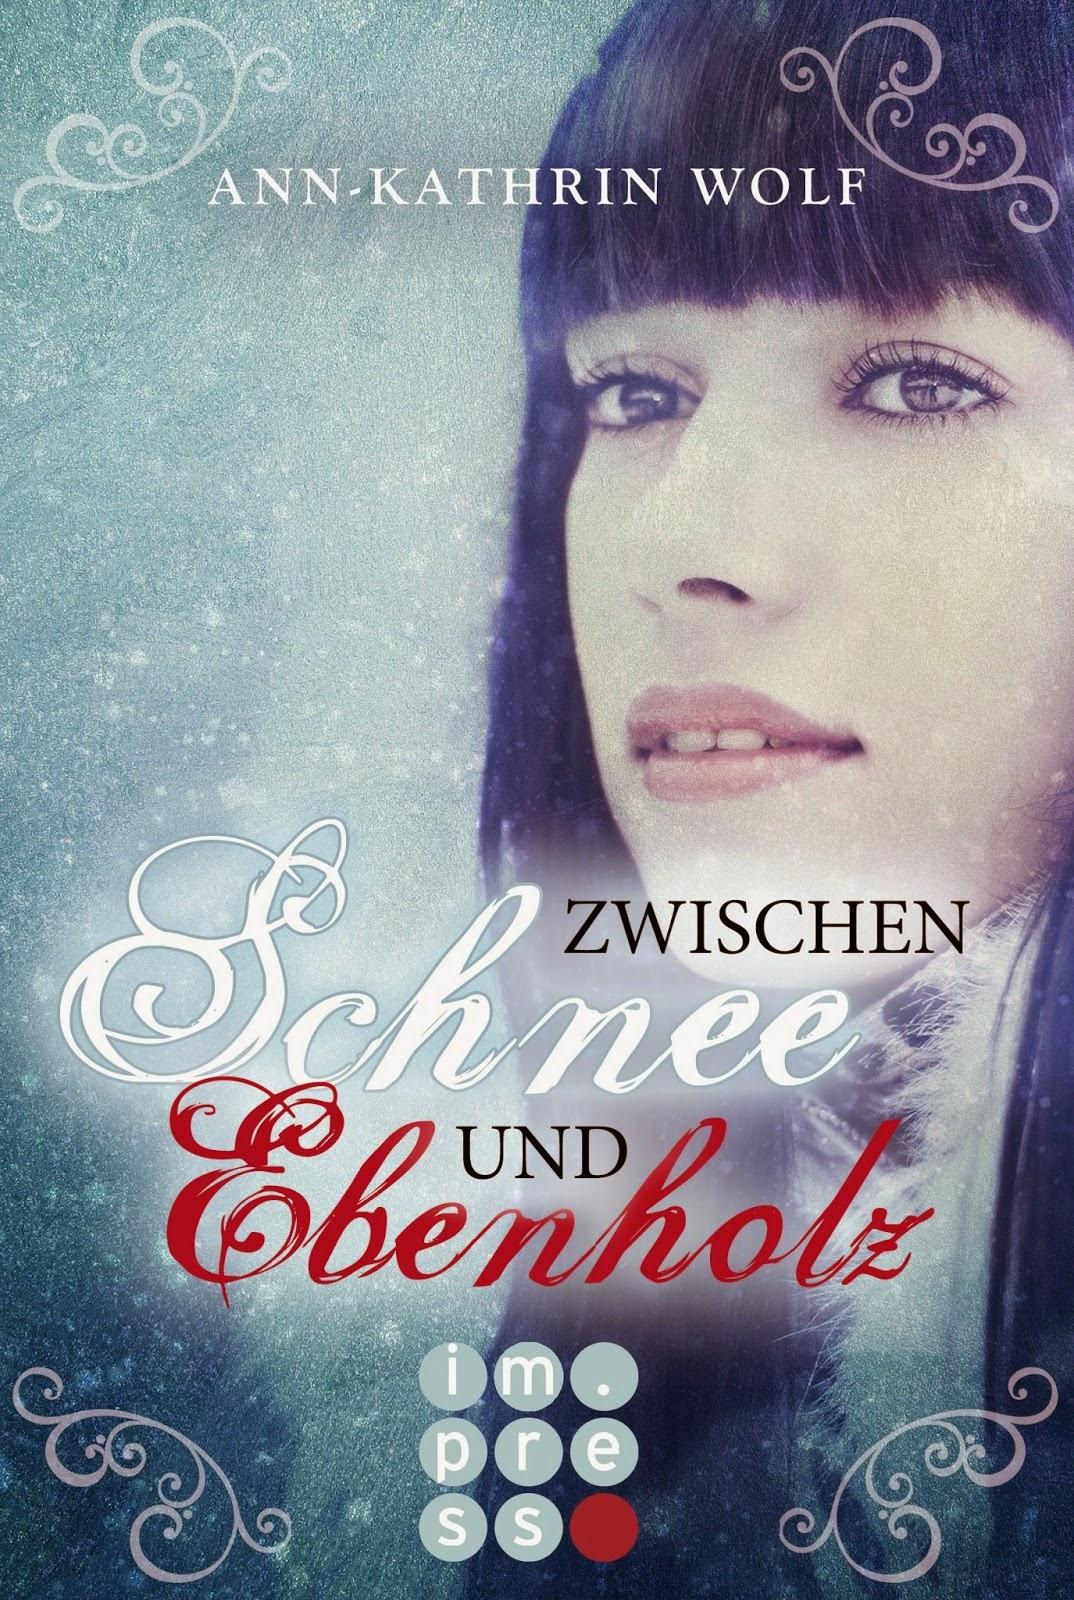 http://levenyasbuchzeit.blogspot.de/2014/10/zwischen-schnee-und-ebenholz.html